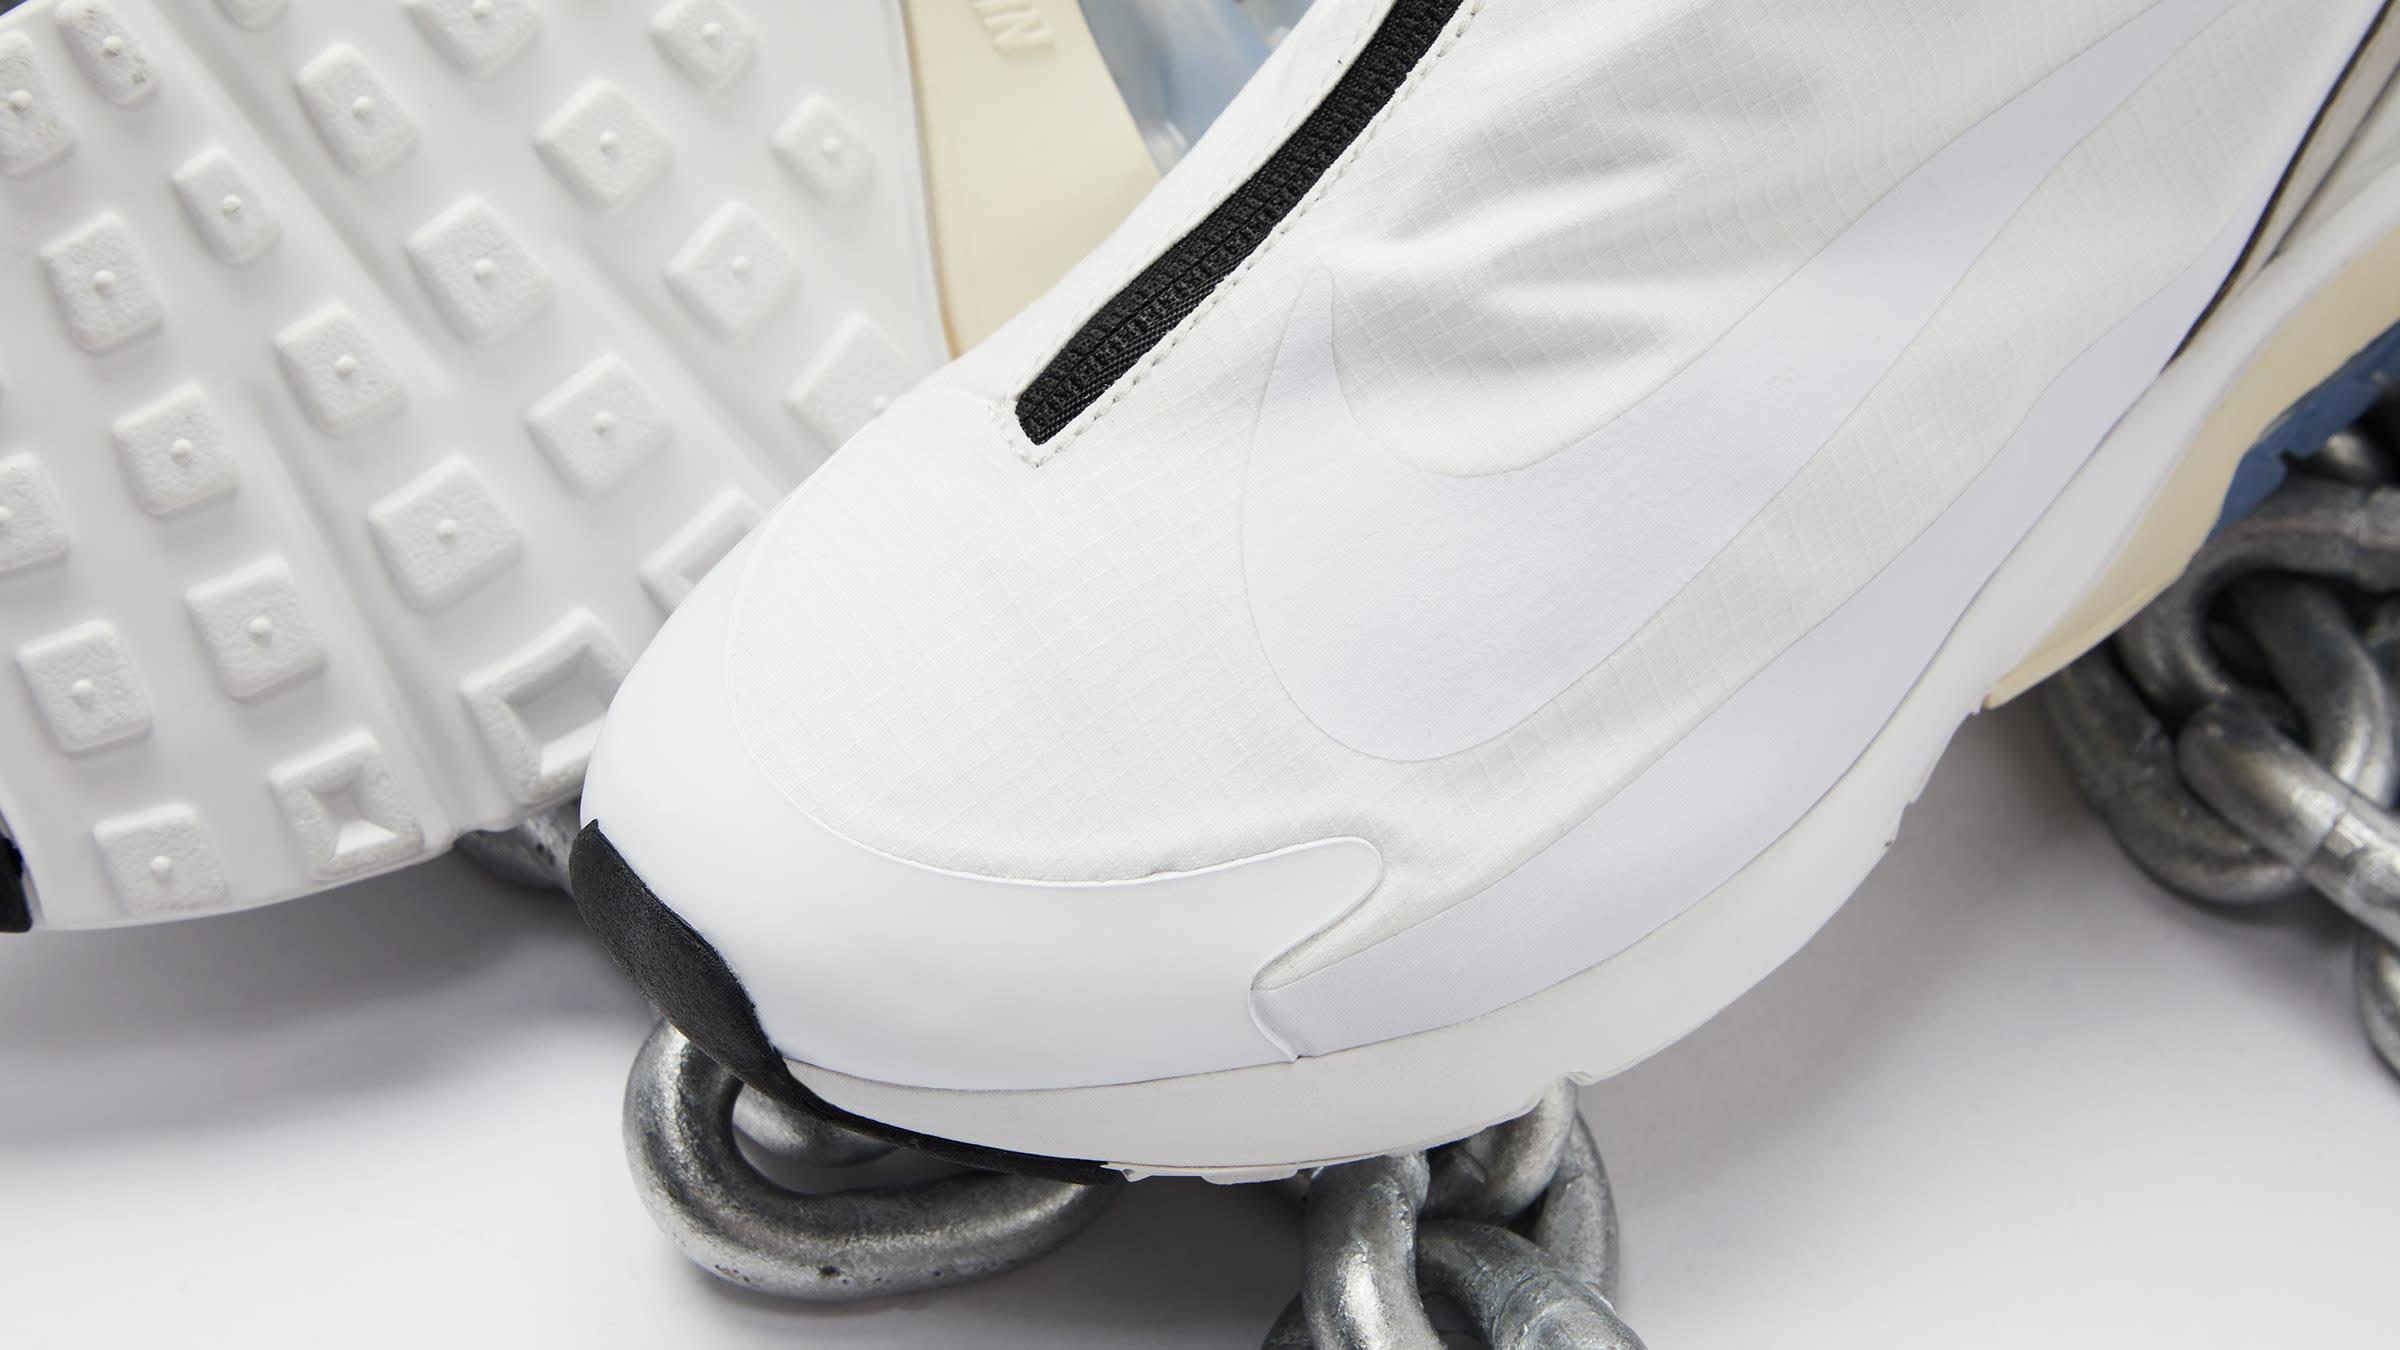 Max 1 og Aniversario Rojo UK8 Nuevo Air Nike nsfyjq486